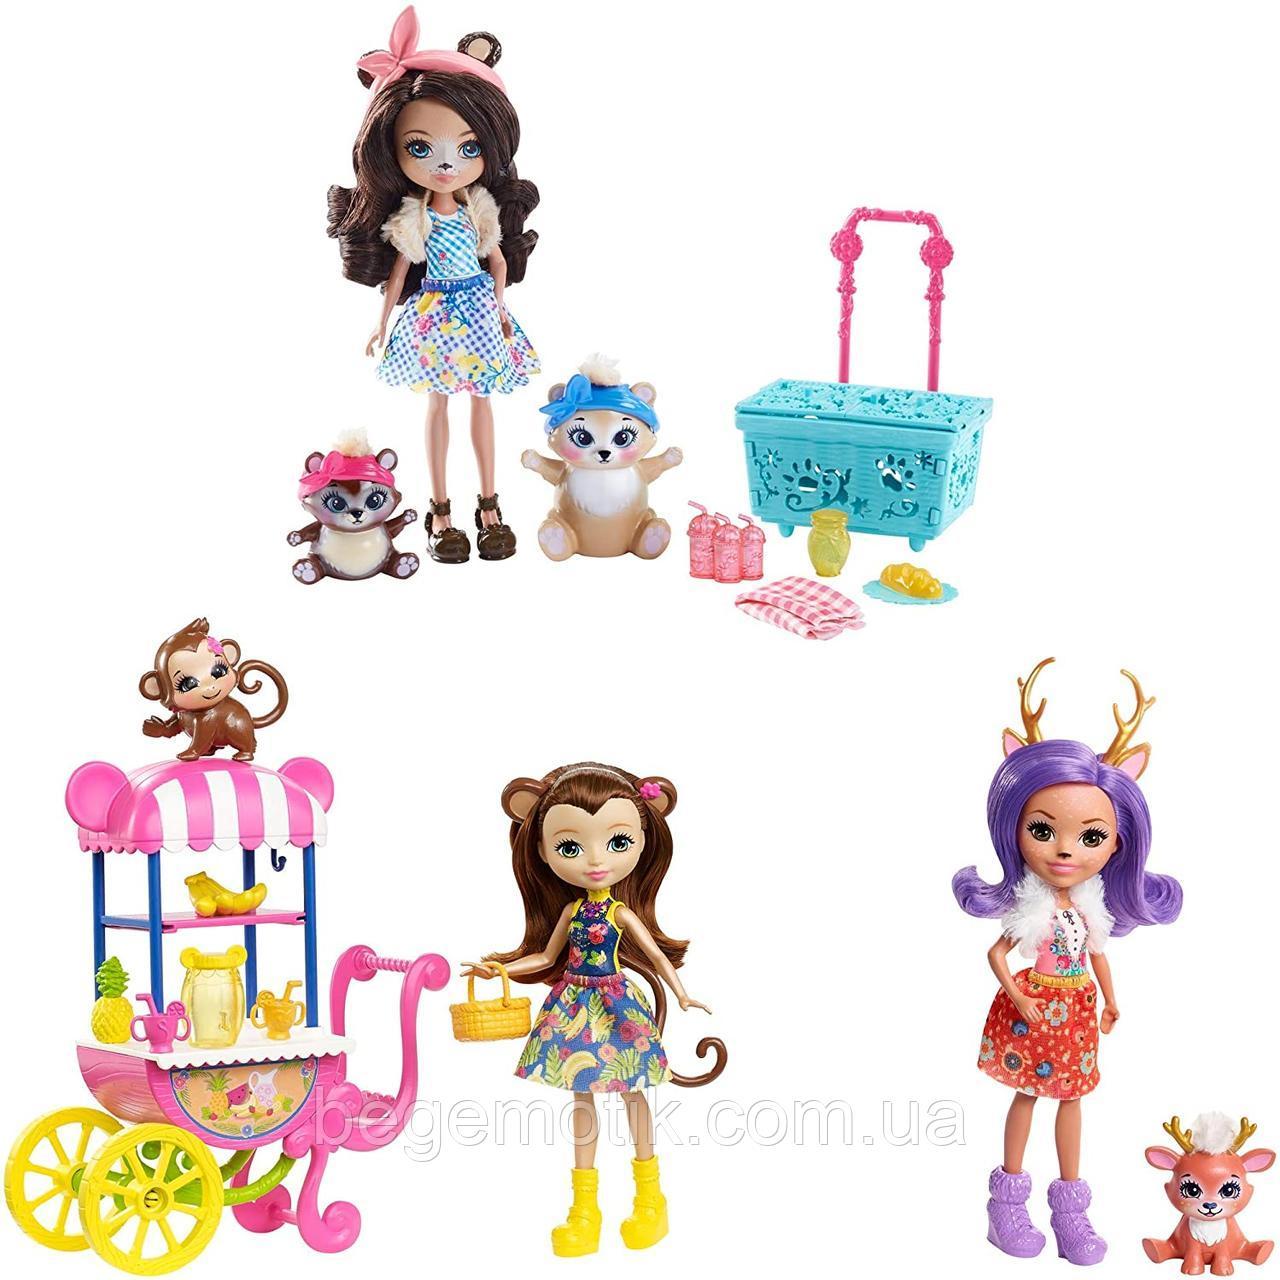 Набор Энчантималс Пикник в парке, с тремя куклами. Enchantimals FVJ80 Picnic in the Park Playset with 3 Dolls